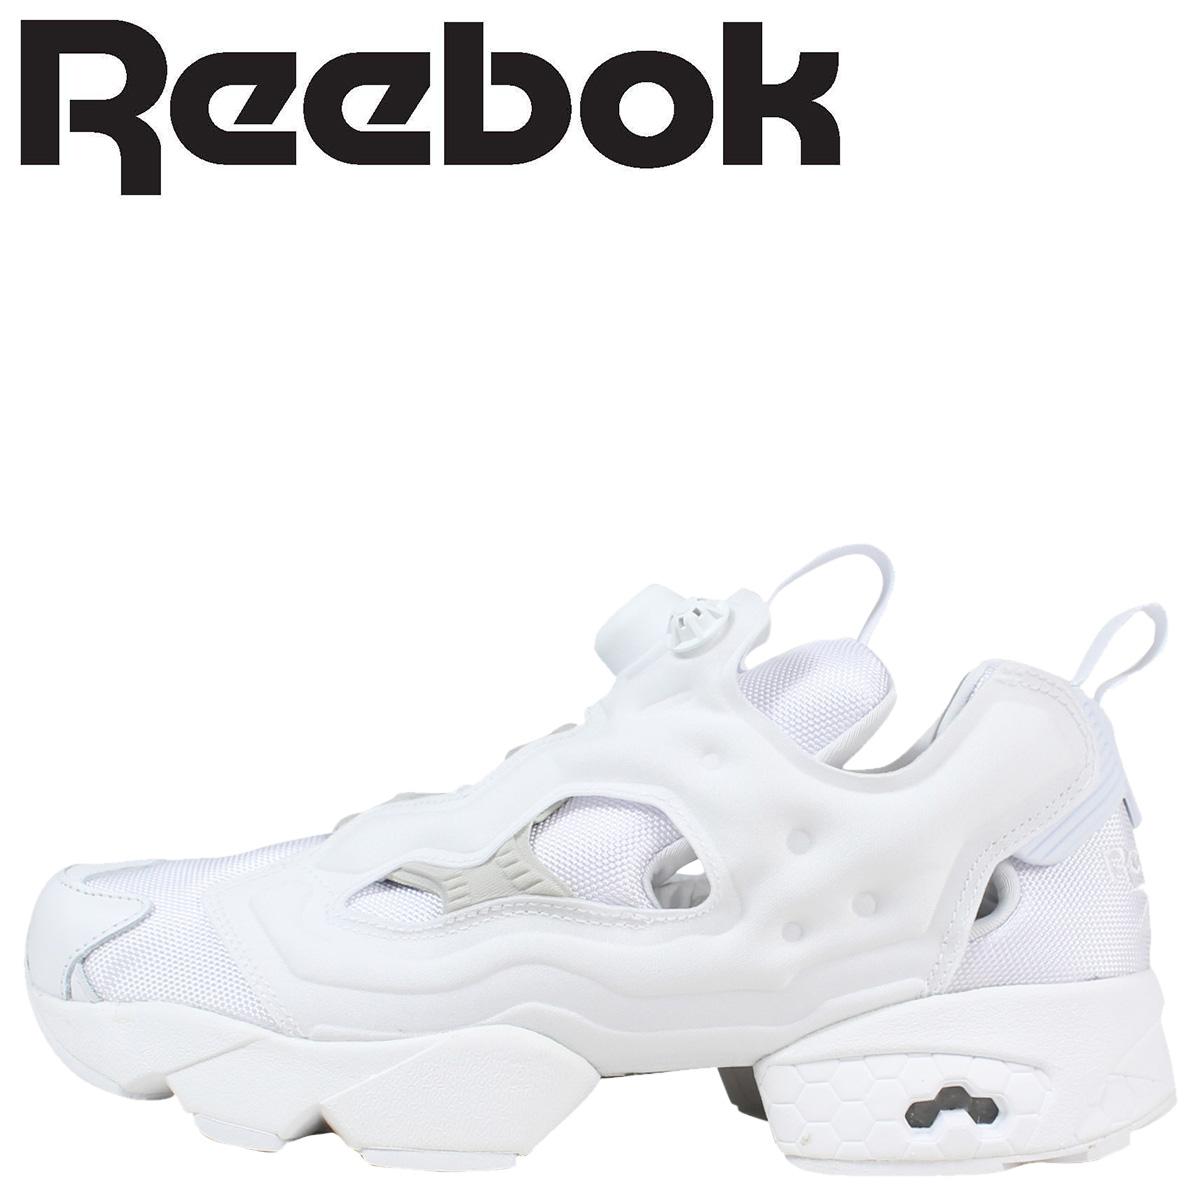 9e3cdfad512 Sugar Online Shop  Reebok Reebok pump fury sneakers INSTA PUMP FURY ...